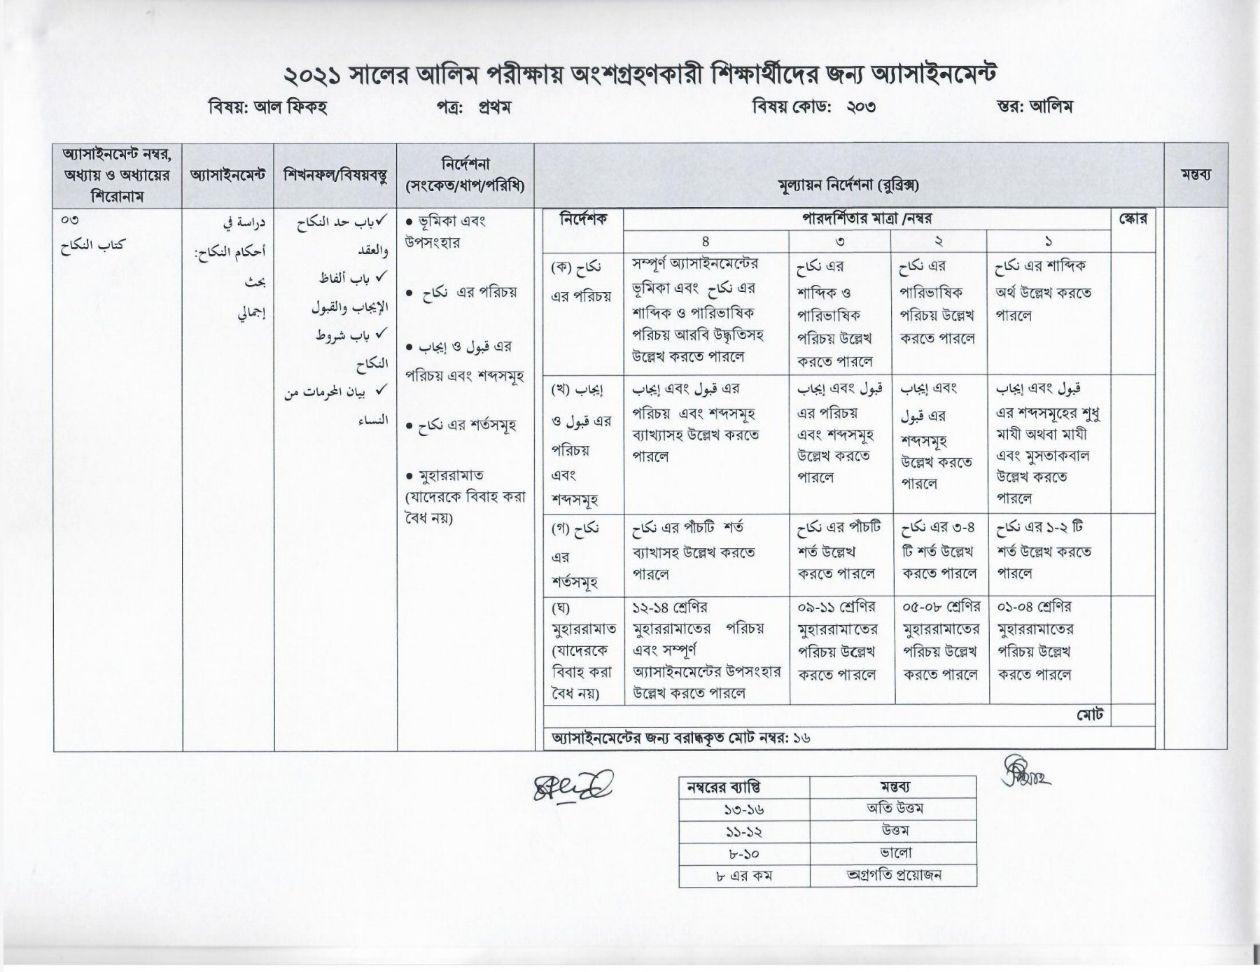 আলিম আল ফিকহ এসাইনমেন্ট সমাধান /উত্তর ২০২১ PDF 23